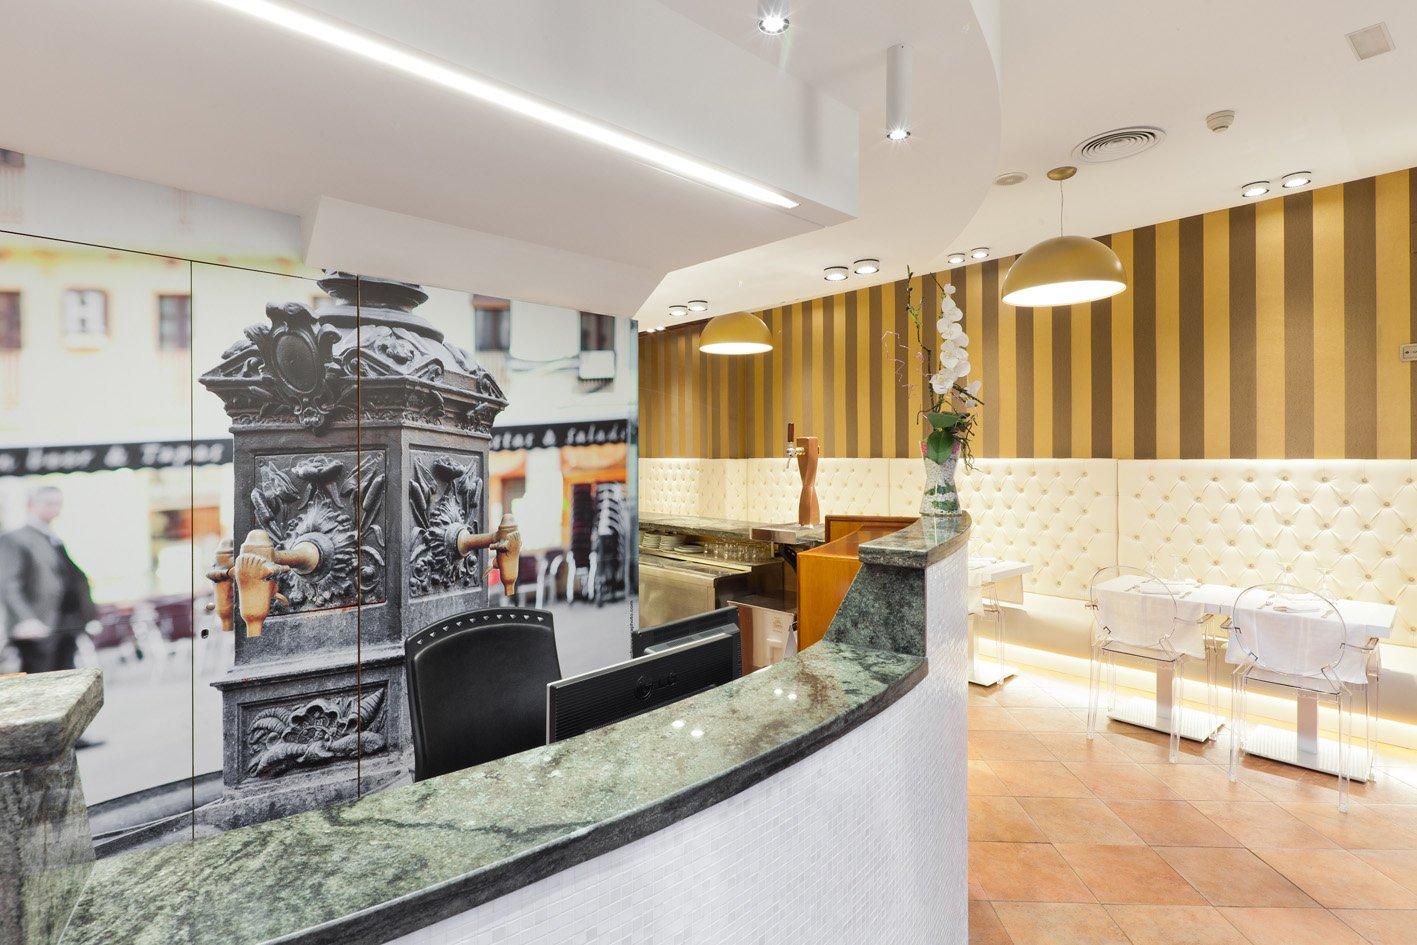 hotel_la_fontnombre_del_documento_29-740236089066e51ba7b599f6f6c49014